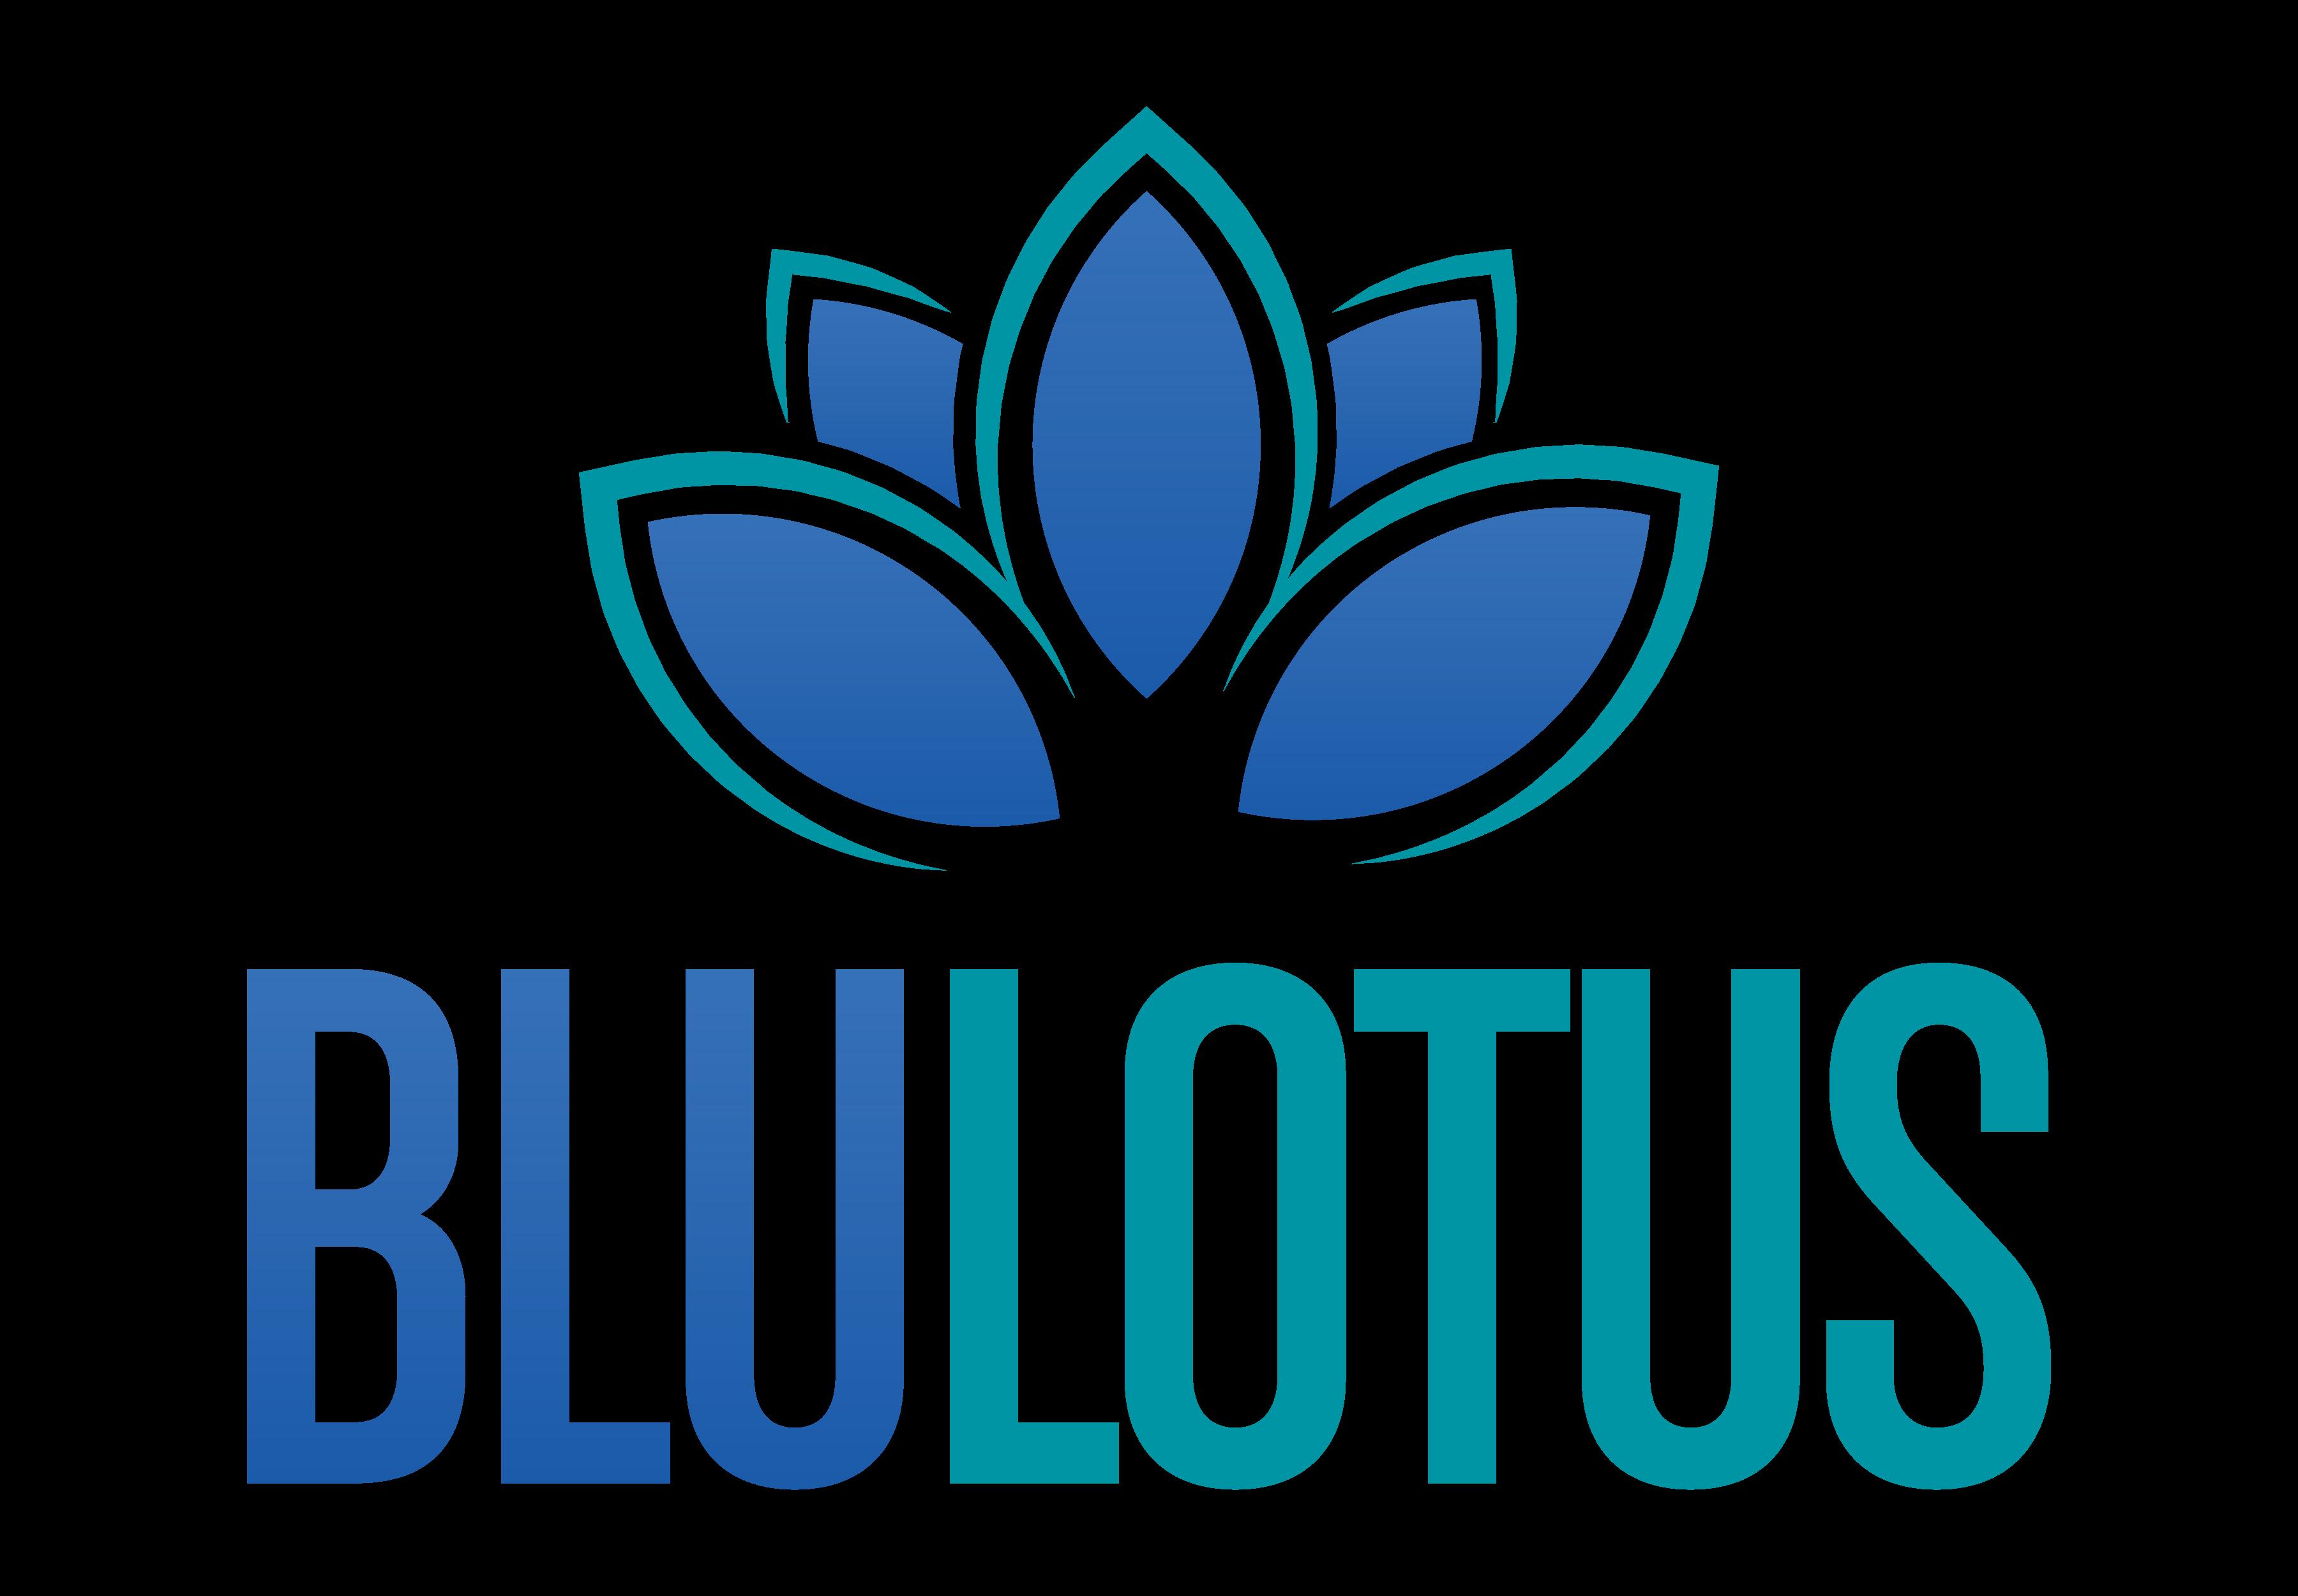 Blu Lotus